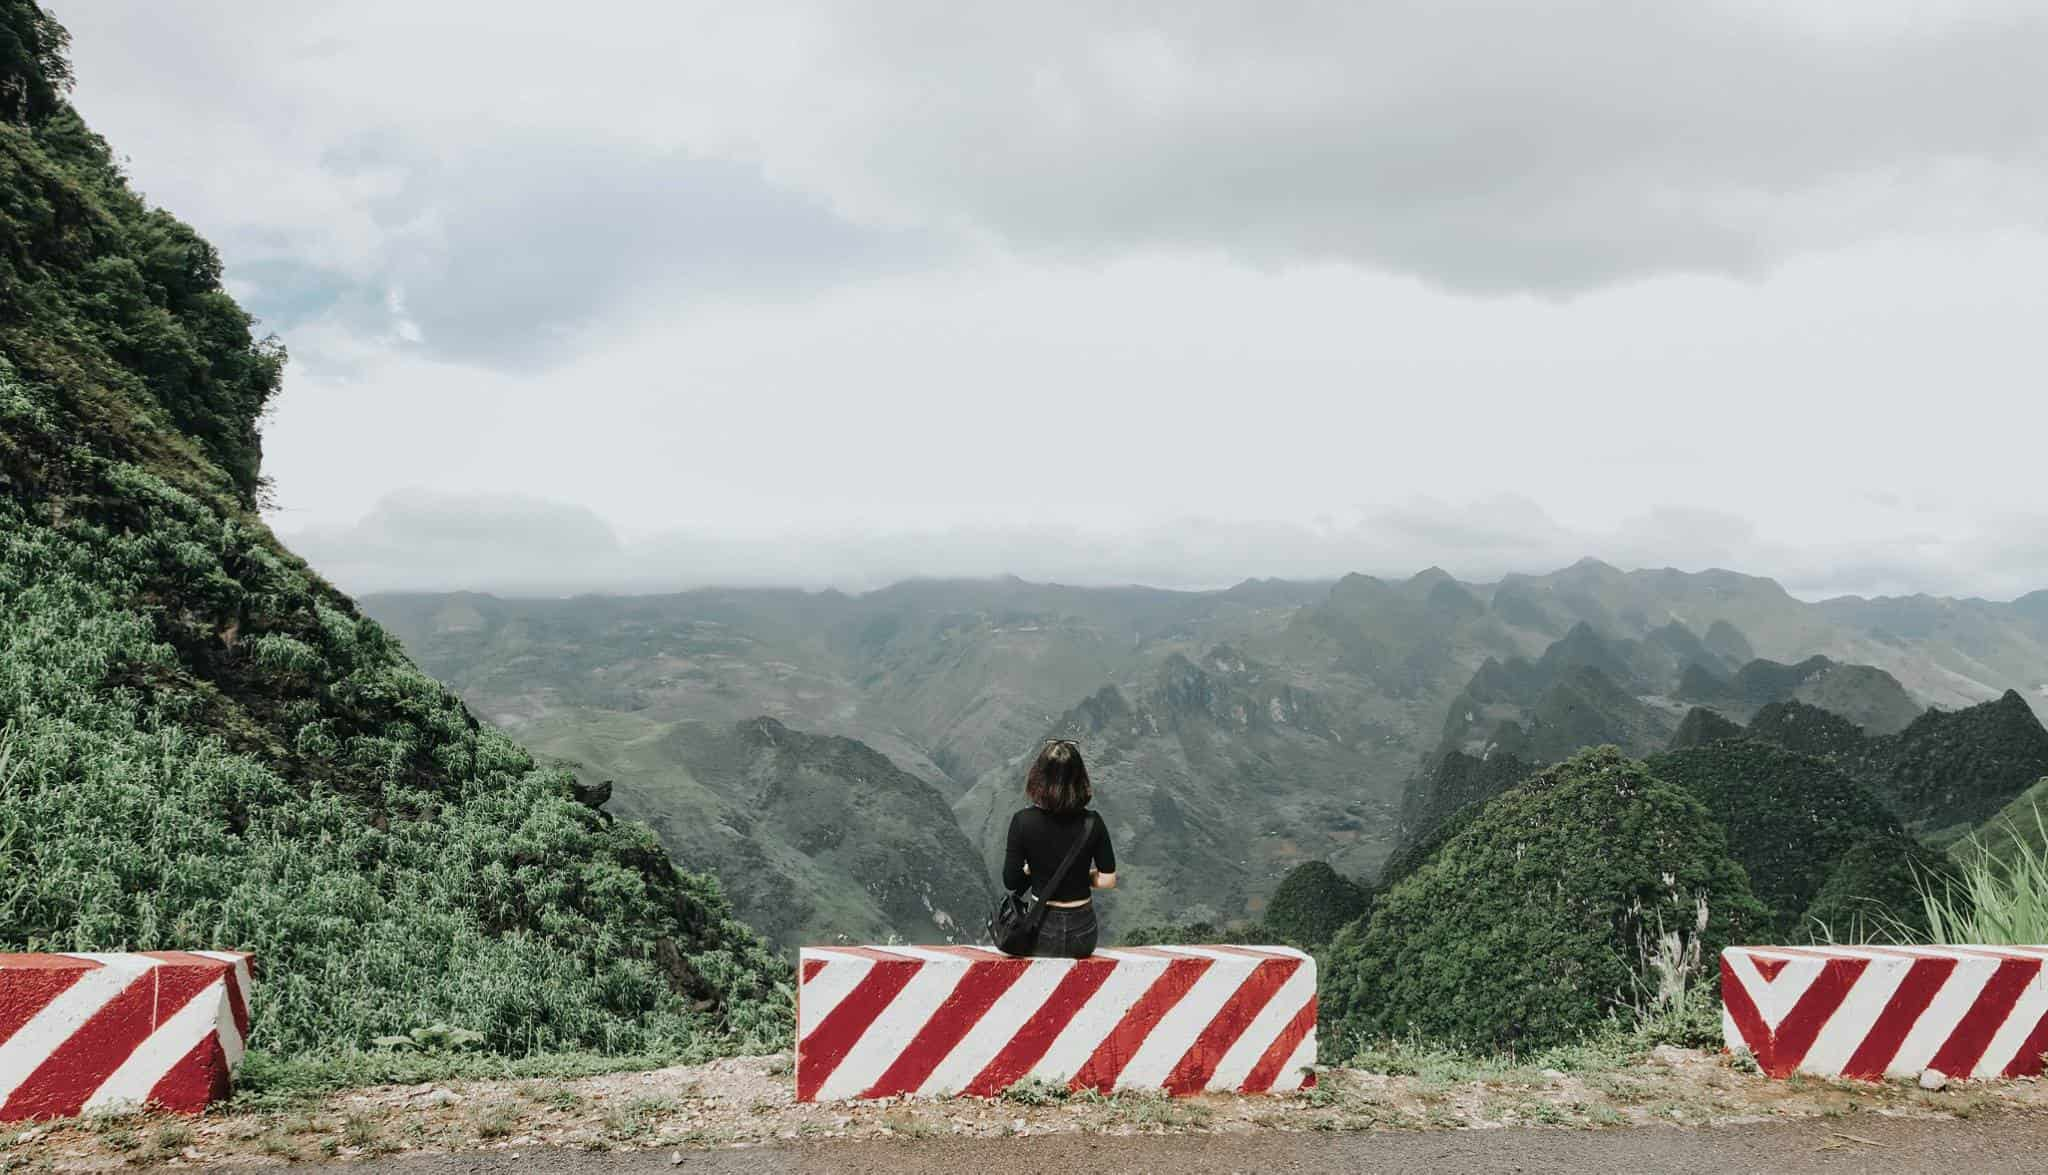 Những ngọn núi cao chót vót trên đèo Mã Pì Lèng. Hình: Hoàng Linh Hà